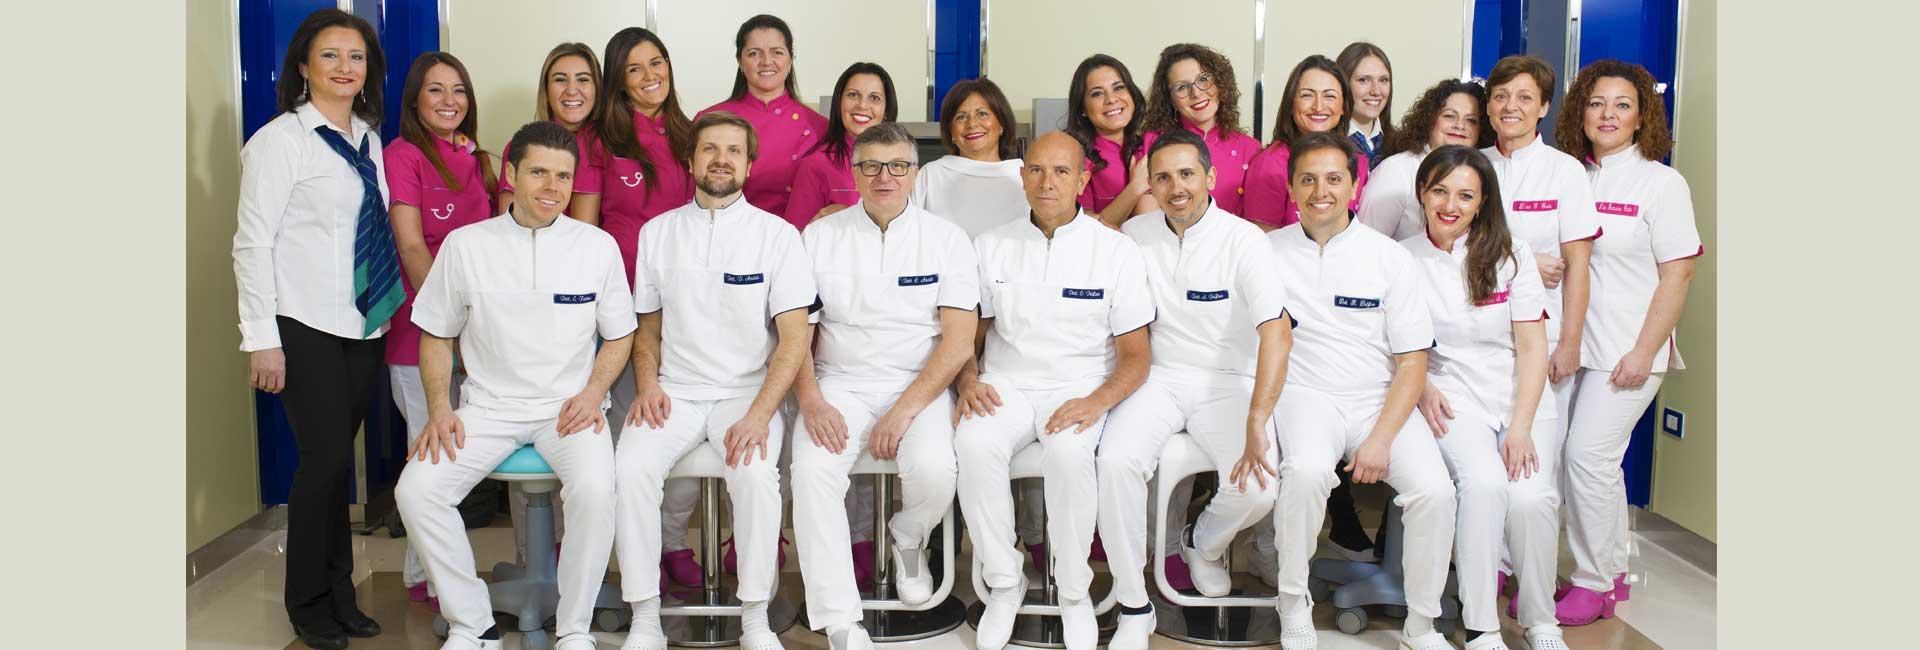 studio-dentistico-delfino-anzisi-napoli-staff